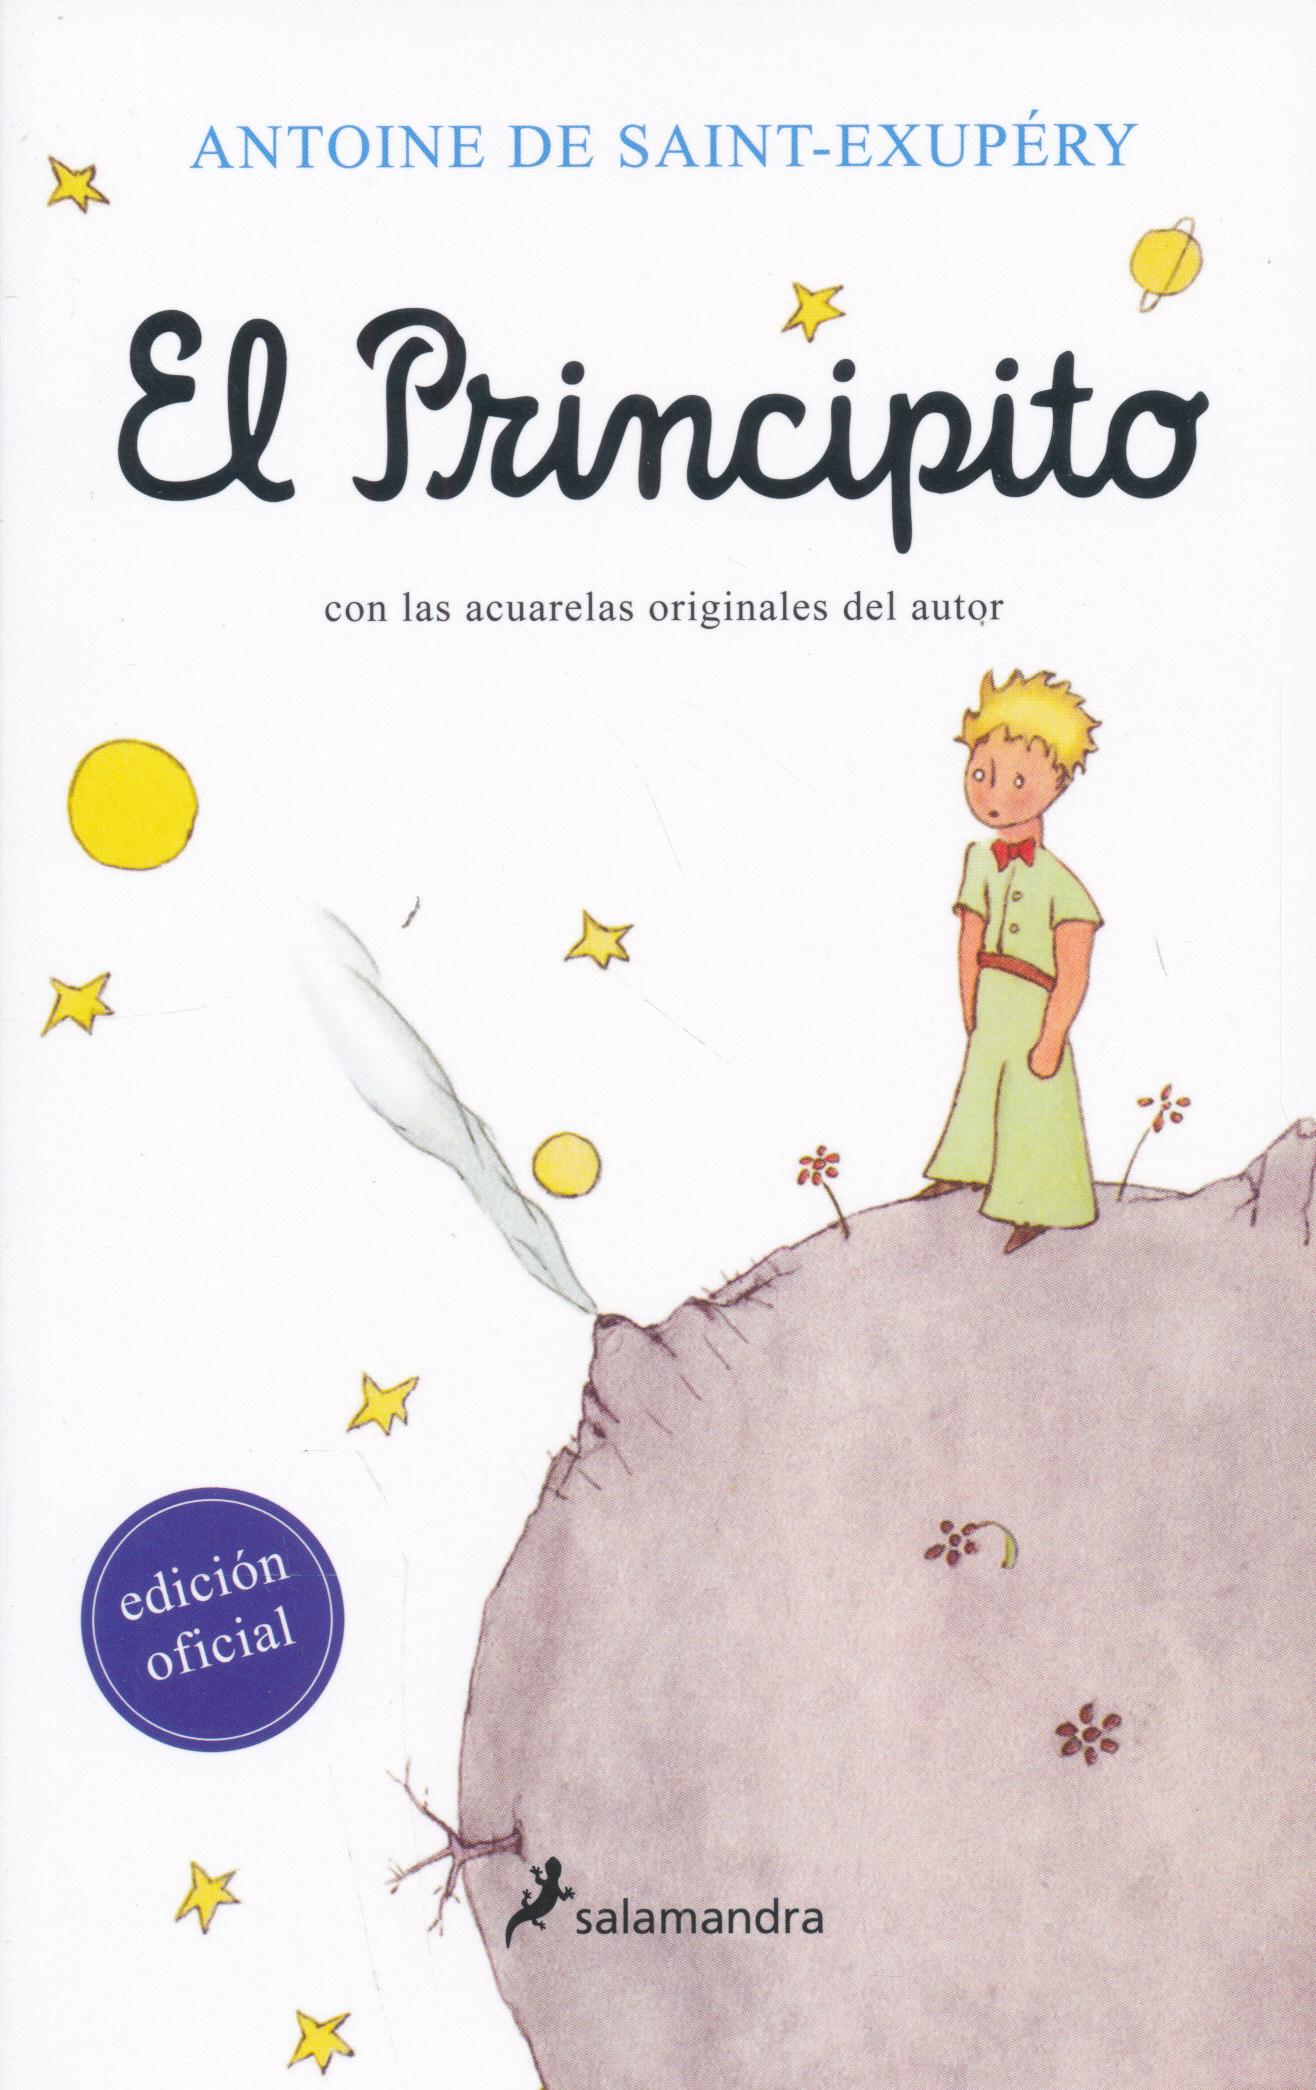 Antoine de Saint-Exupéry: El Principito (A kis herceg spanyol nyelven)